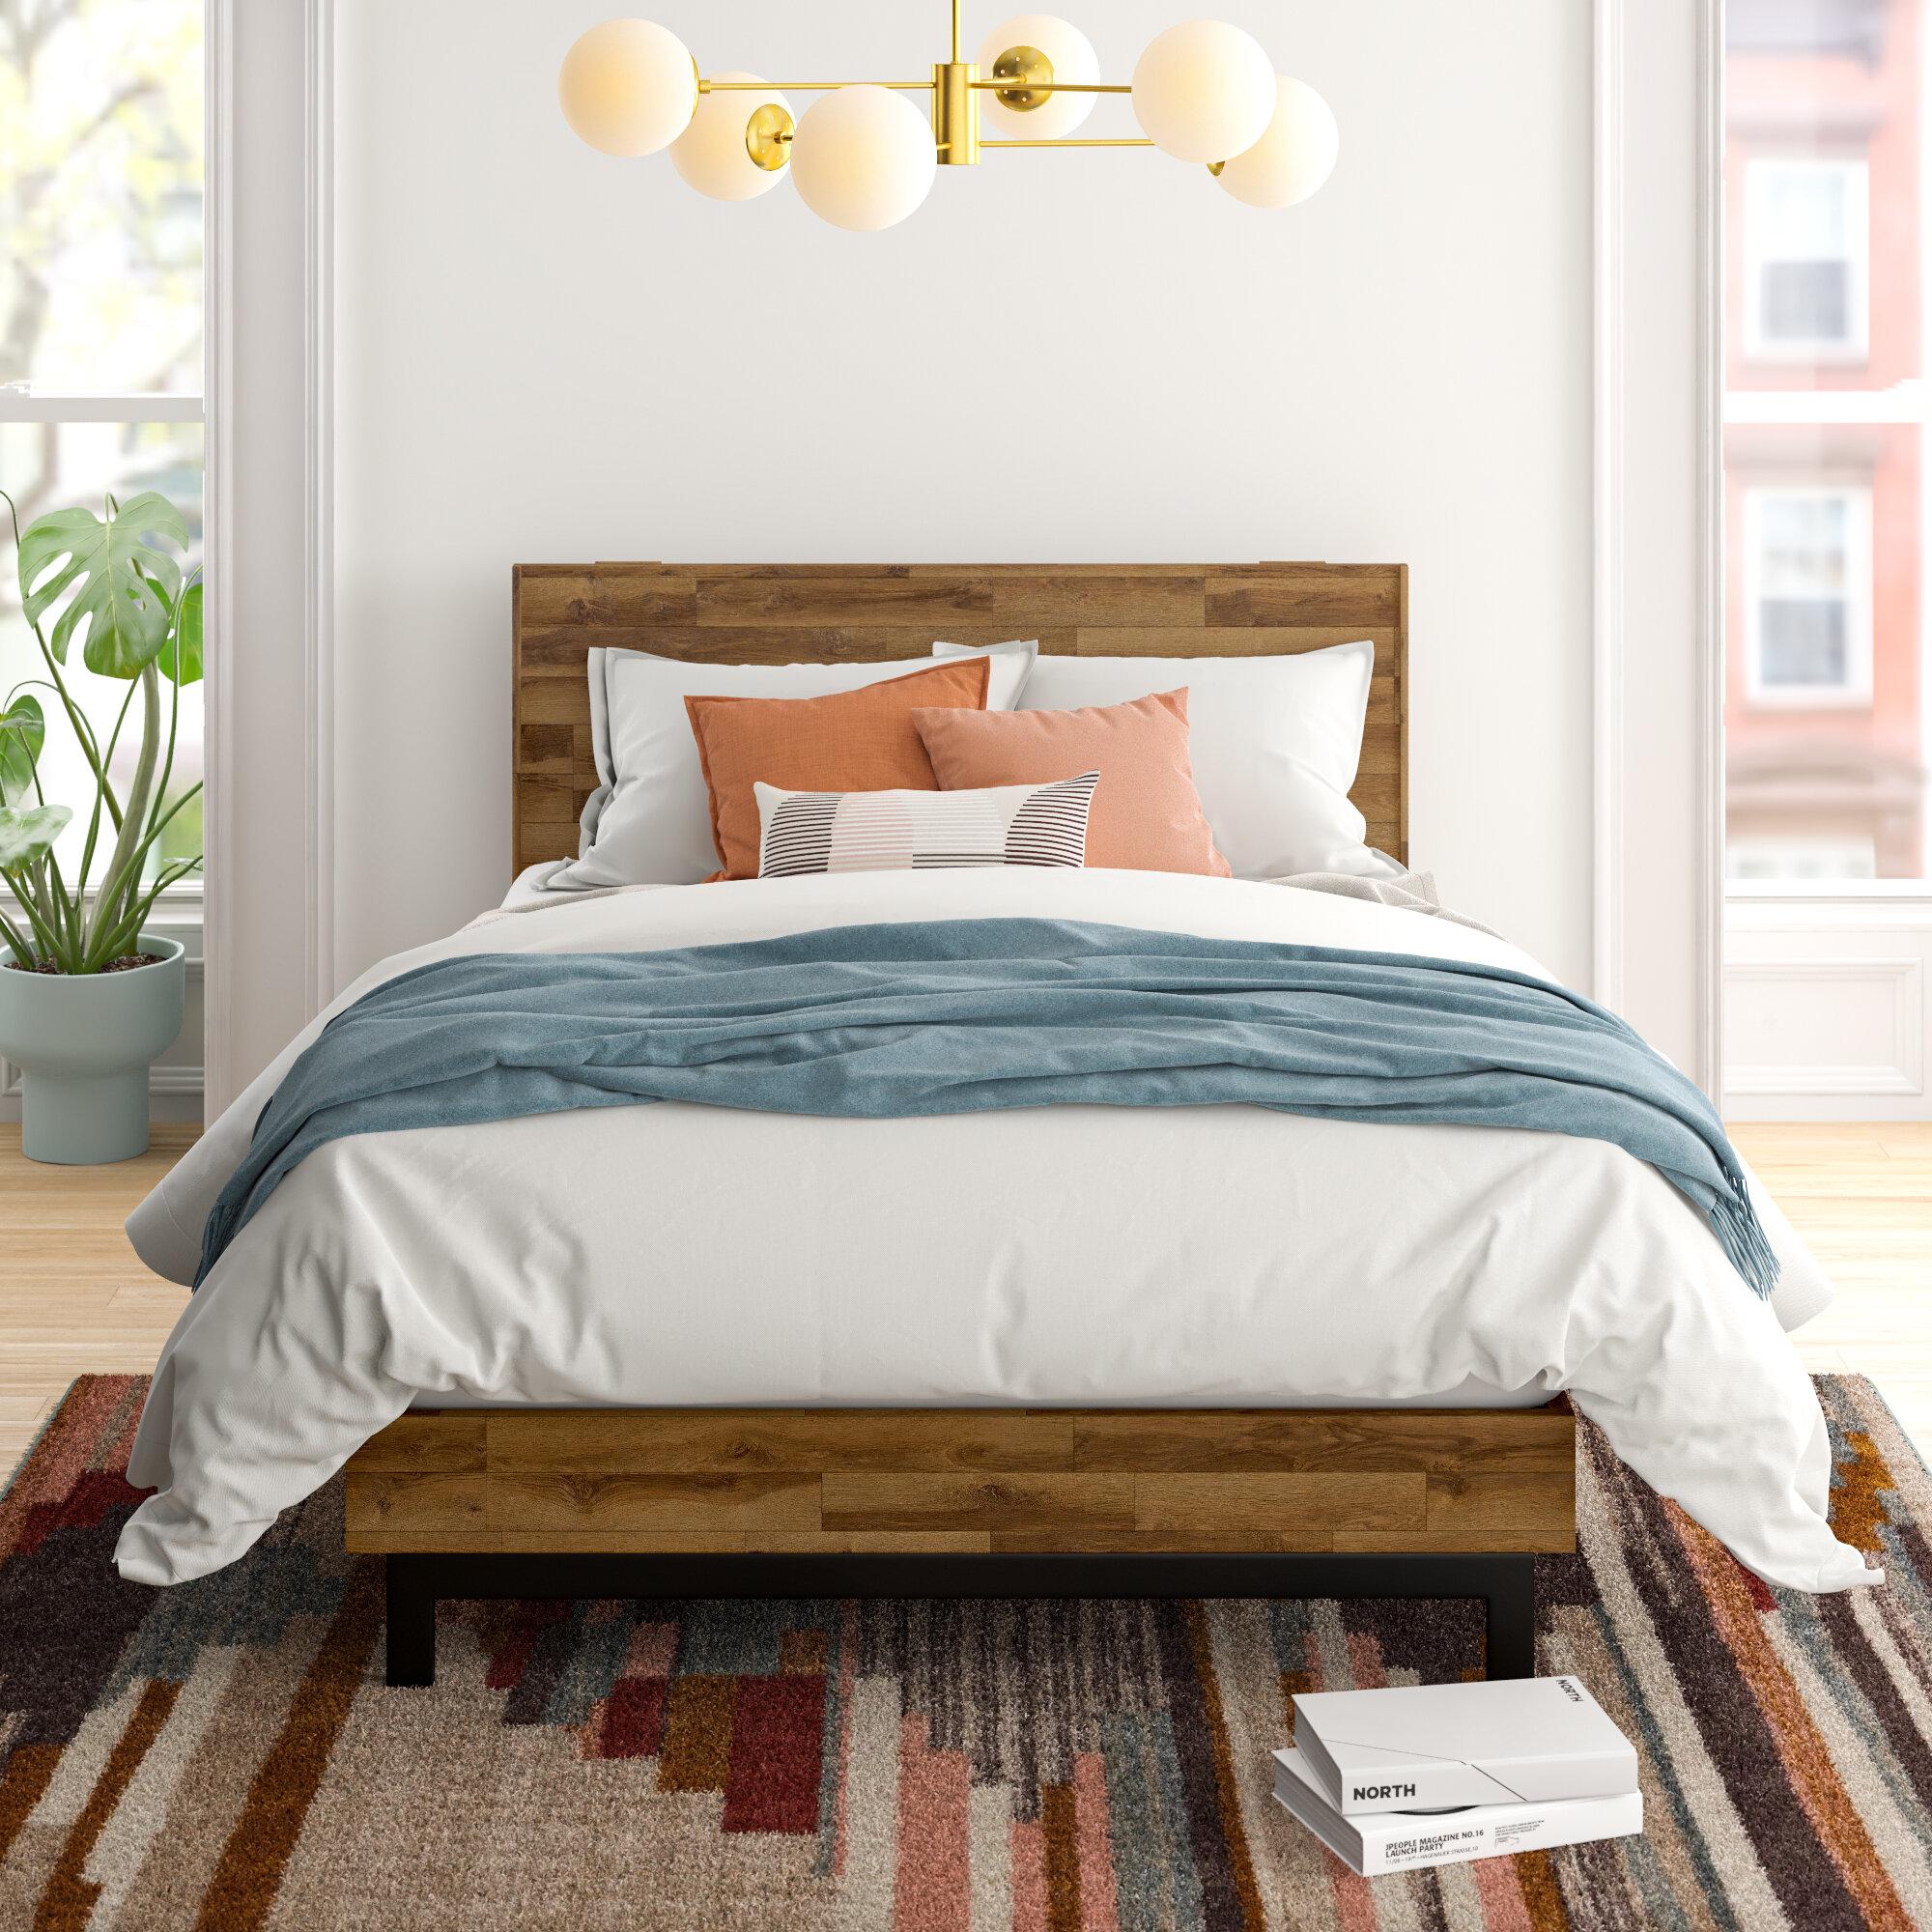 Beds  Up to 10% Off Through 10/10  Wayfair